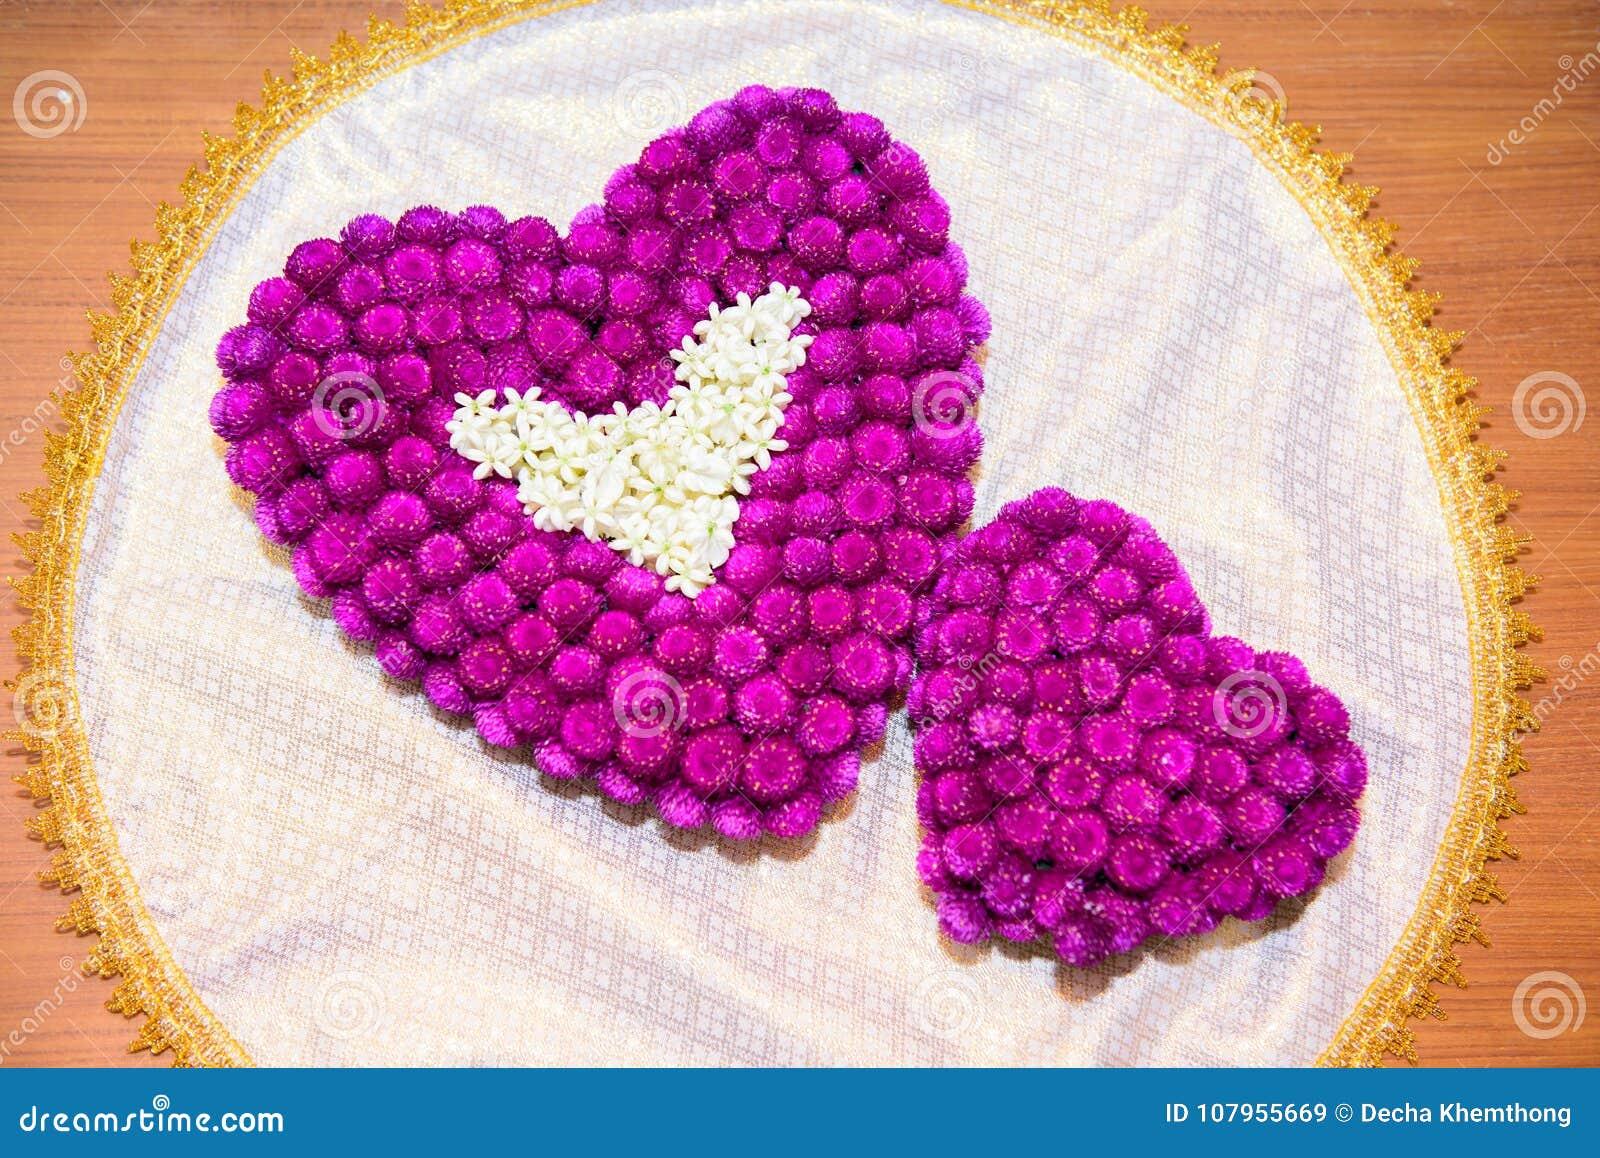 What does purple heart mean  Purple Heart Emoji: 💜 Meaning